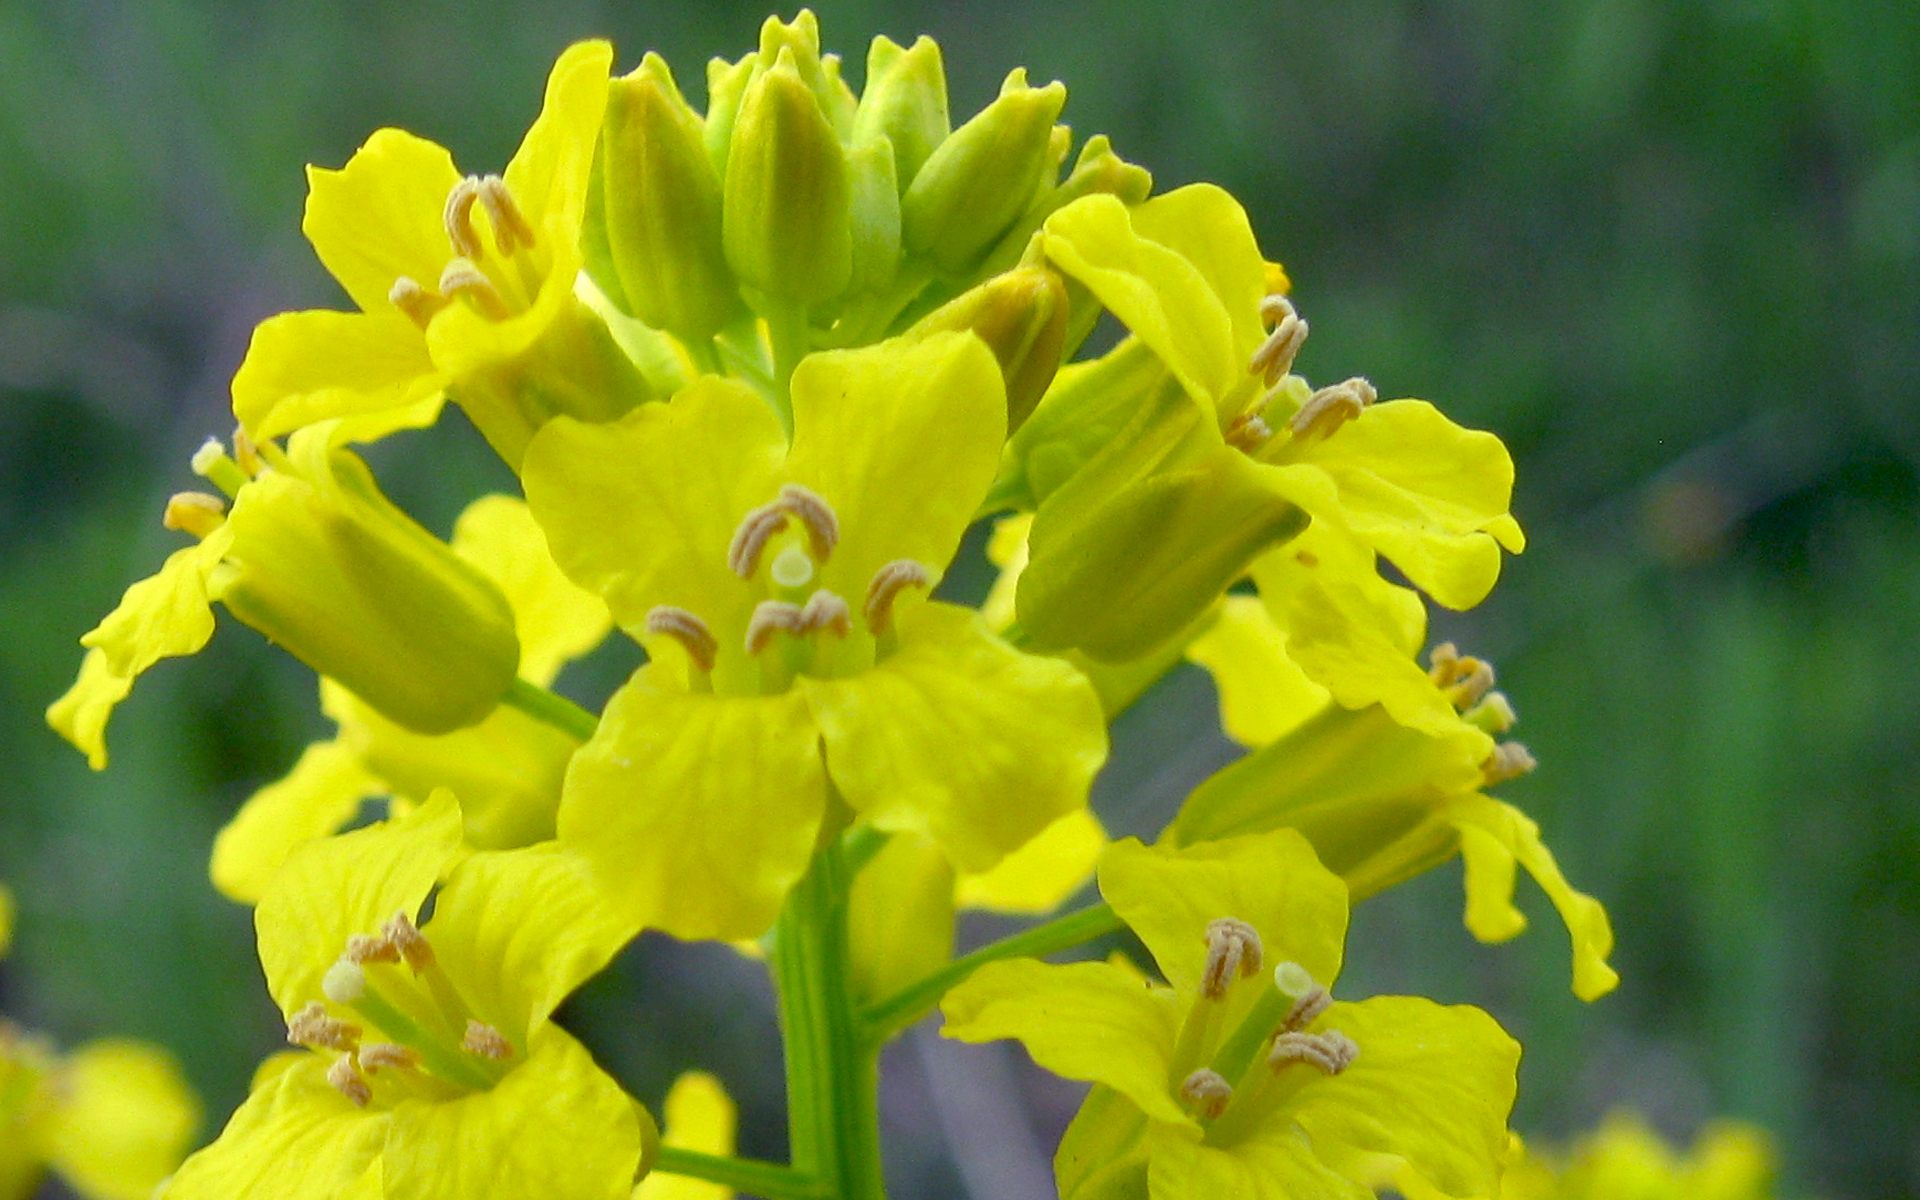 Fleur de barbarée commune. Crédit : Benet2006, Flickr